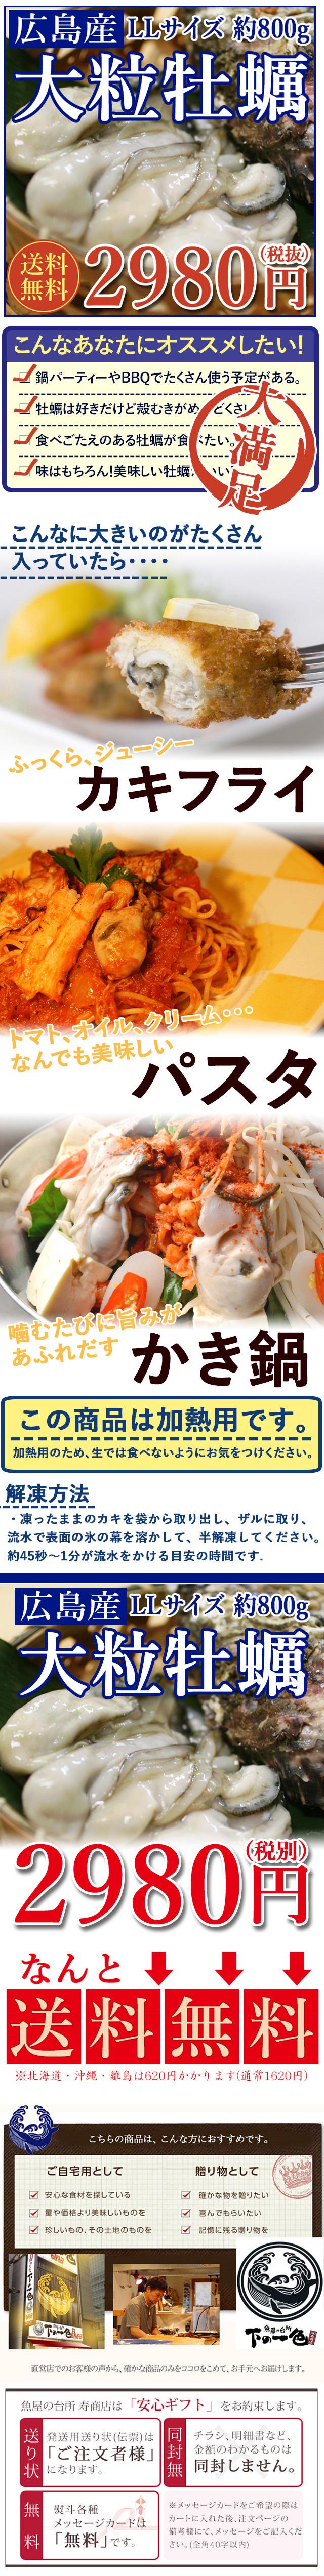 塩分濃度、水温変化など育成に最適な環境でそだった広島産牡蠣を、窒素冷凍で一瞬で冷凍し鮮度と旨みをそのまま閉じ込めました。 カキフライ、パスタ、釜飯、鍋などさまざまな調理でお楽しみいただけます。